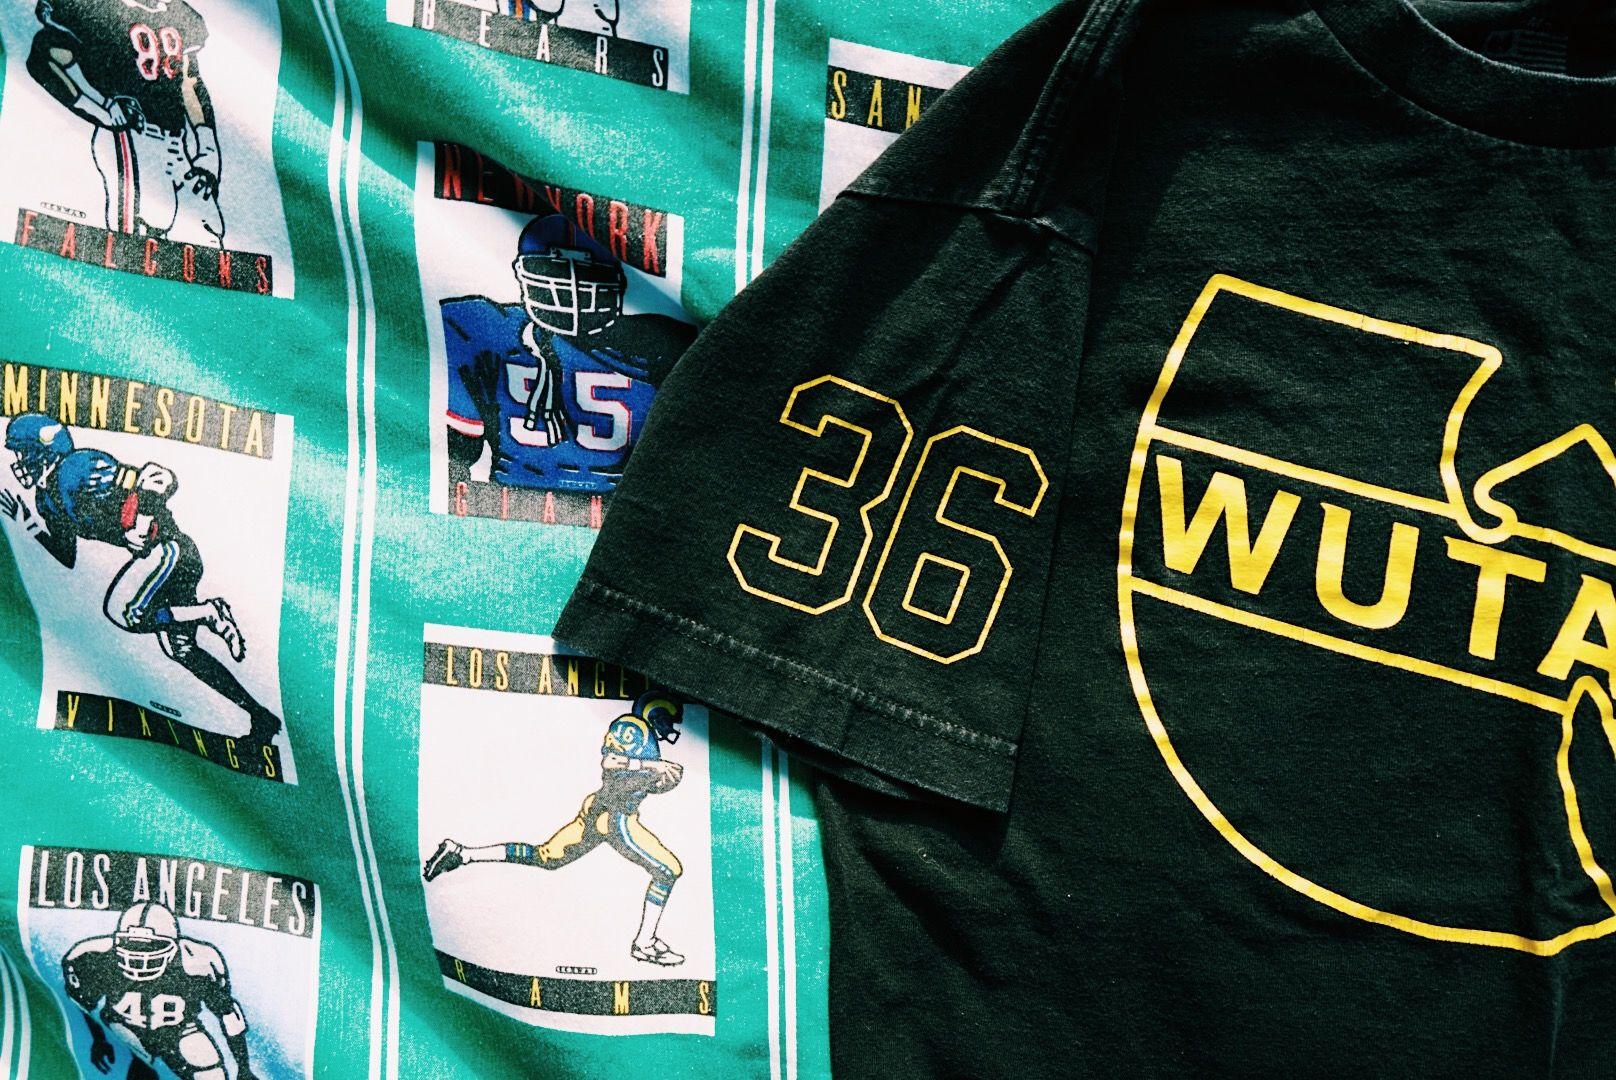 WU-TANG Crop Top / Black / T Shirt / Raw Edge / Medium